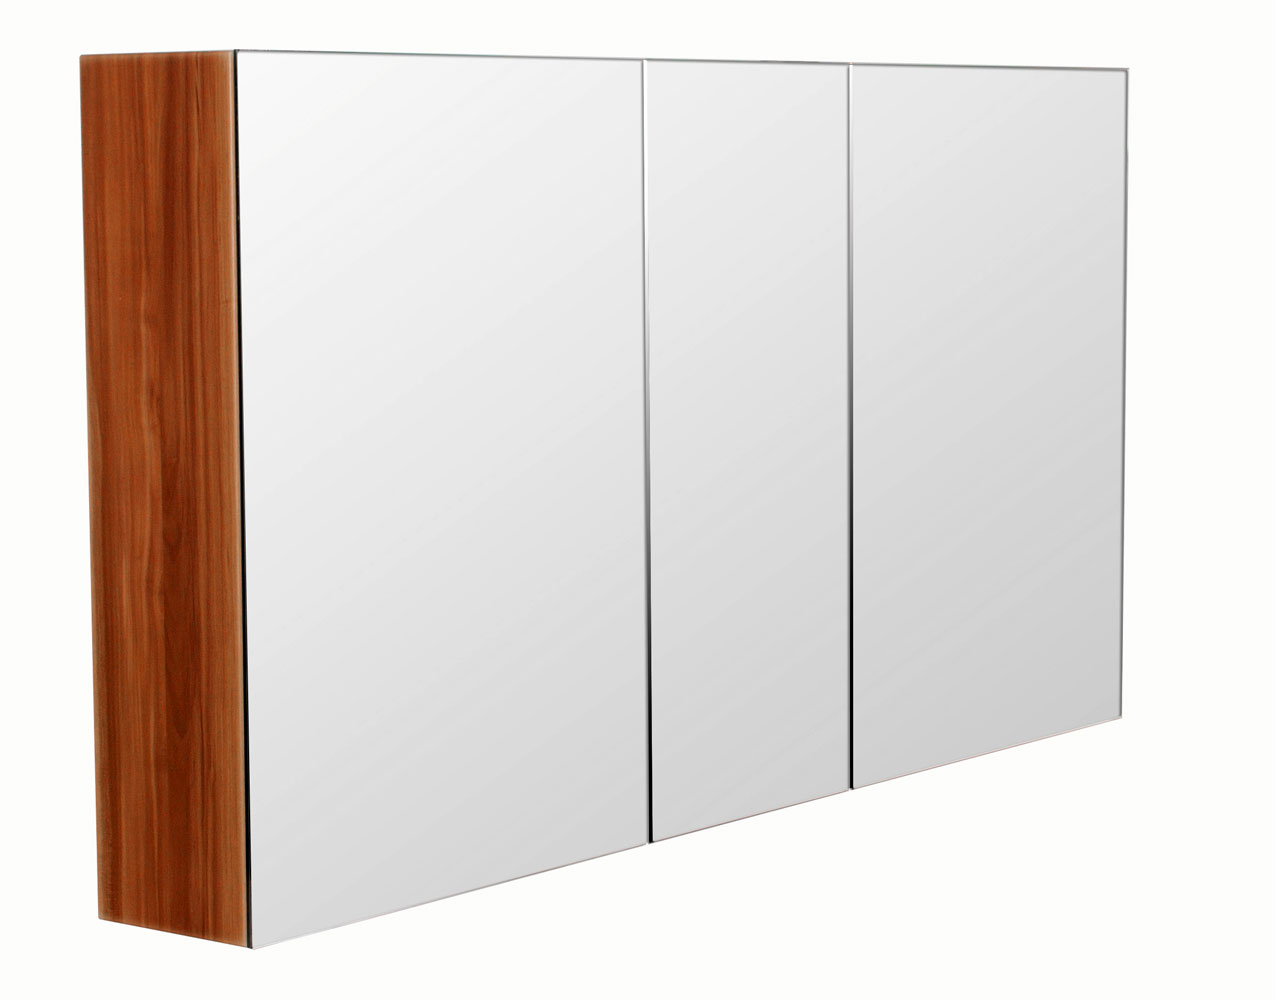 Bad Spiegelschrank 120 cm walnuss